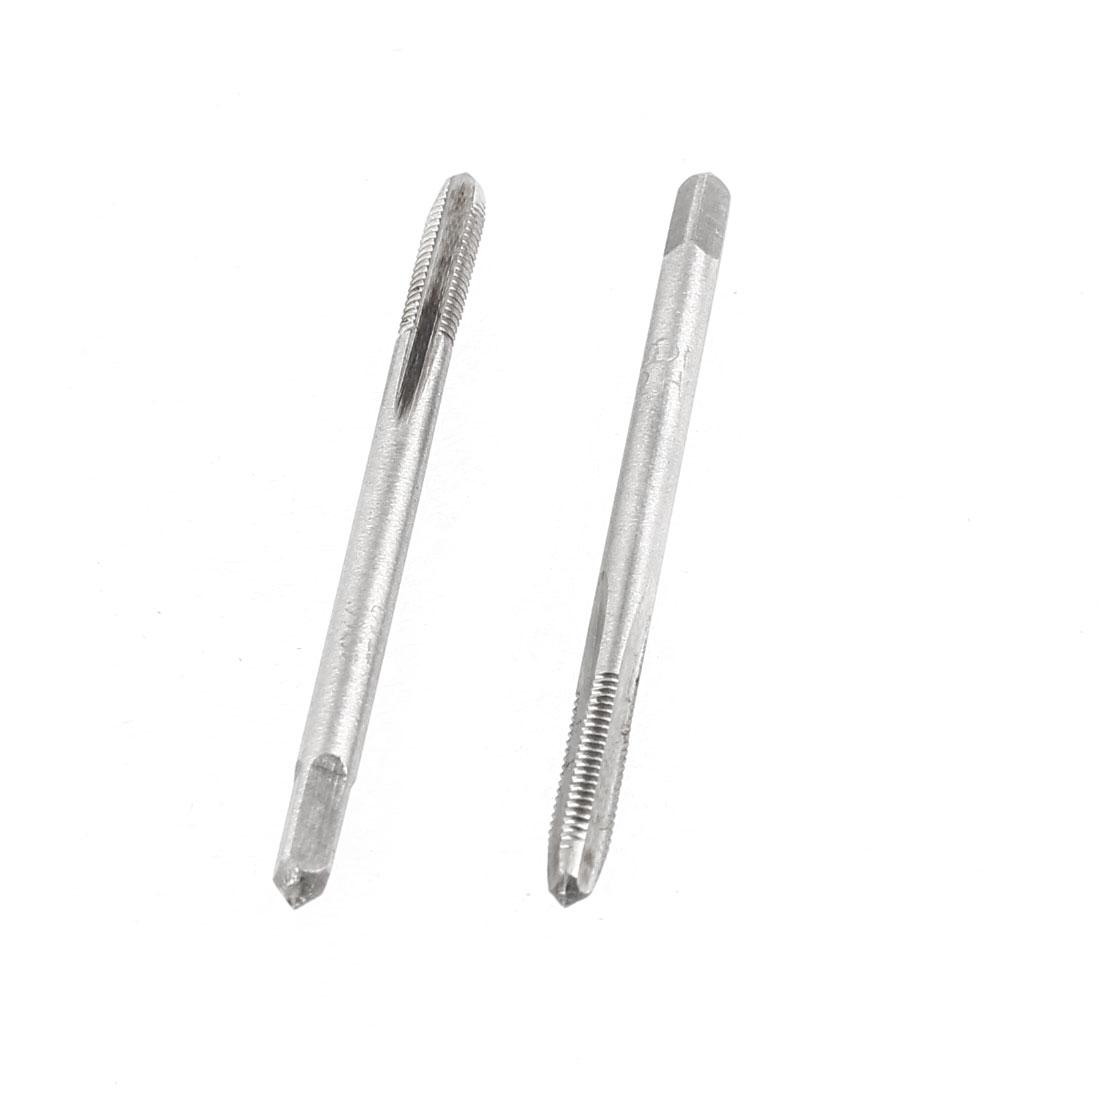 2 Pcs M3x14mm HSS 3 Flutes Machine Screw Thread Straight Metric Taps